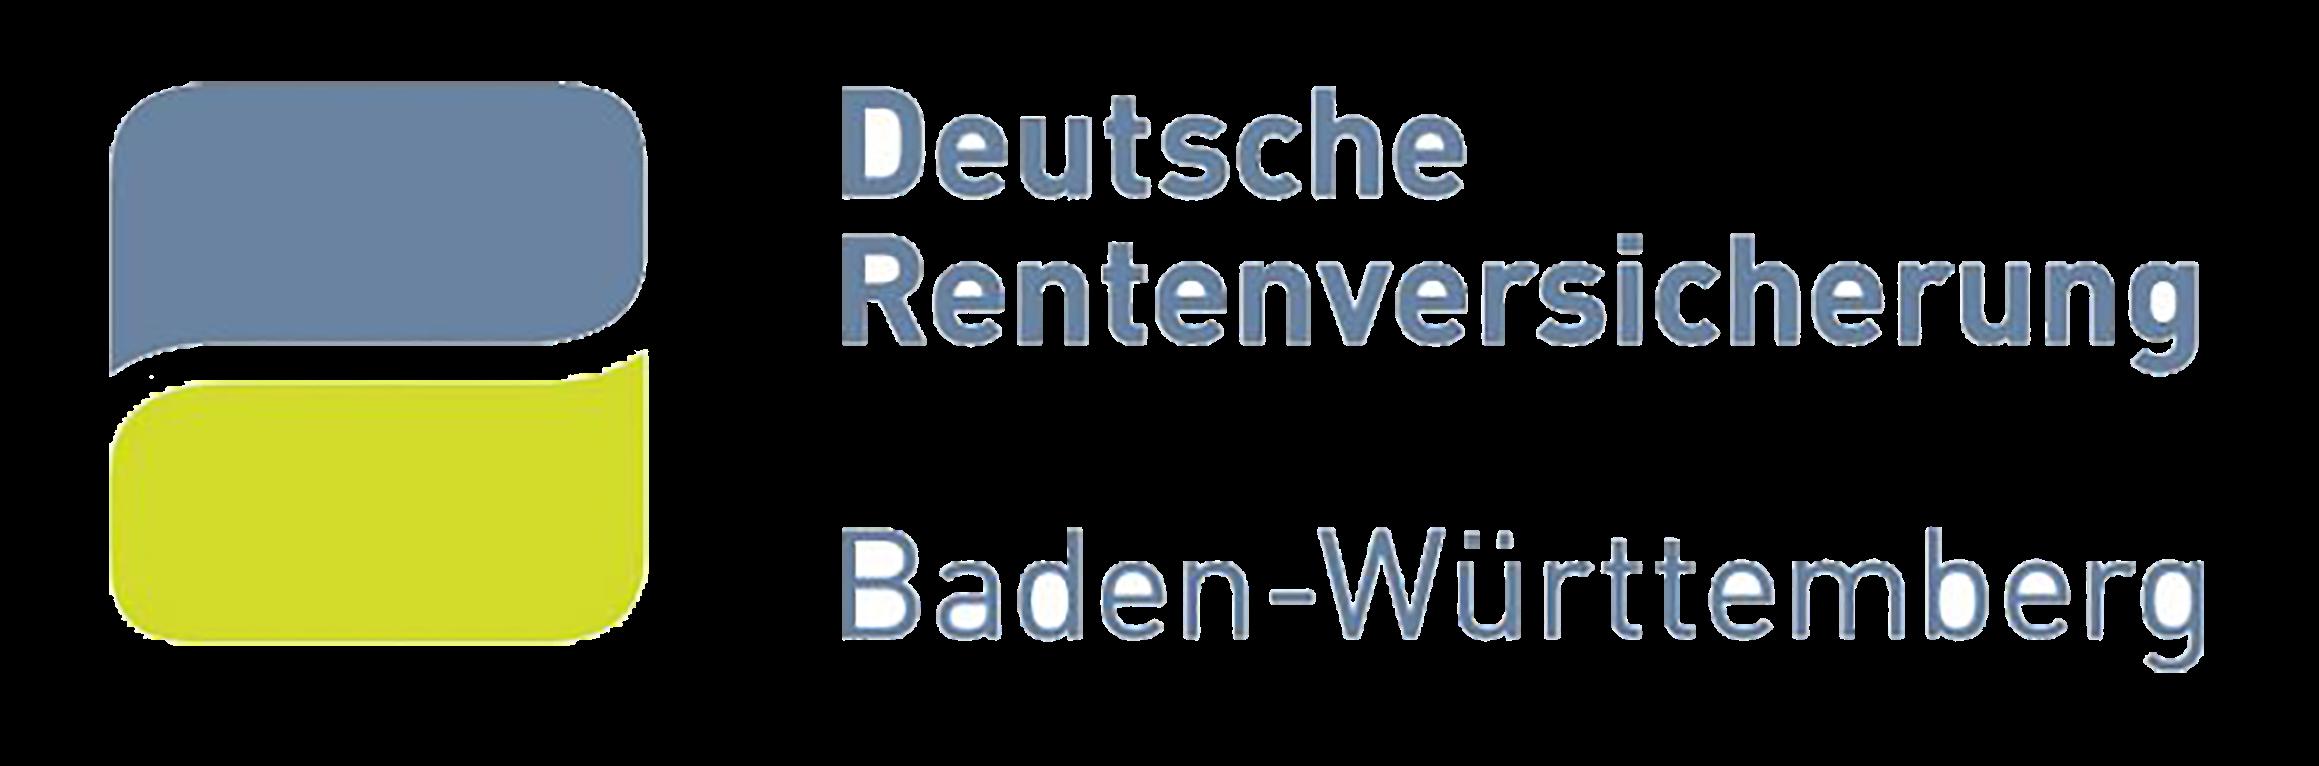 Logo der Deutschen Rentenversicherung Baden-Württemberg